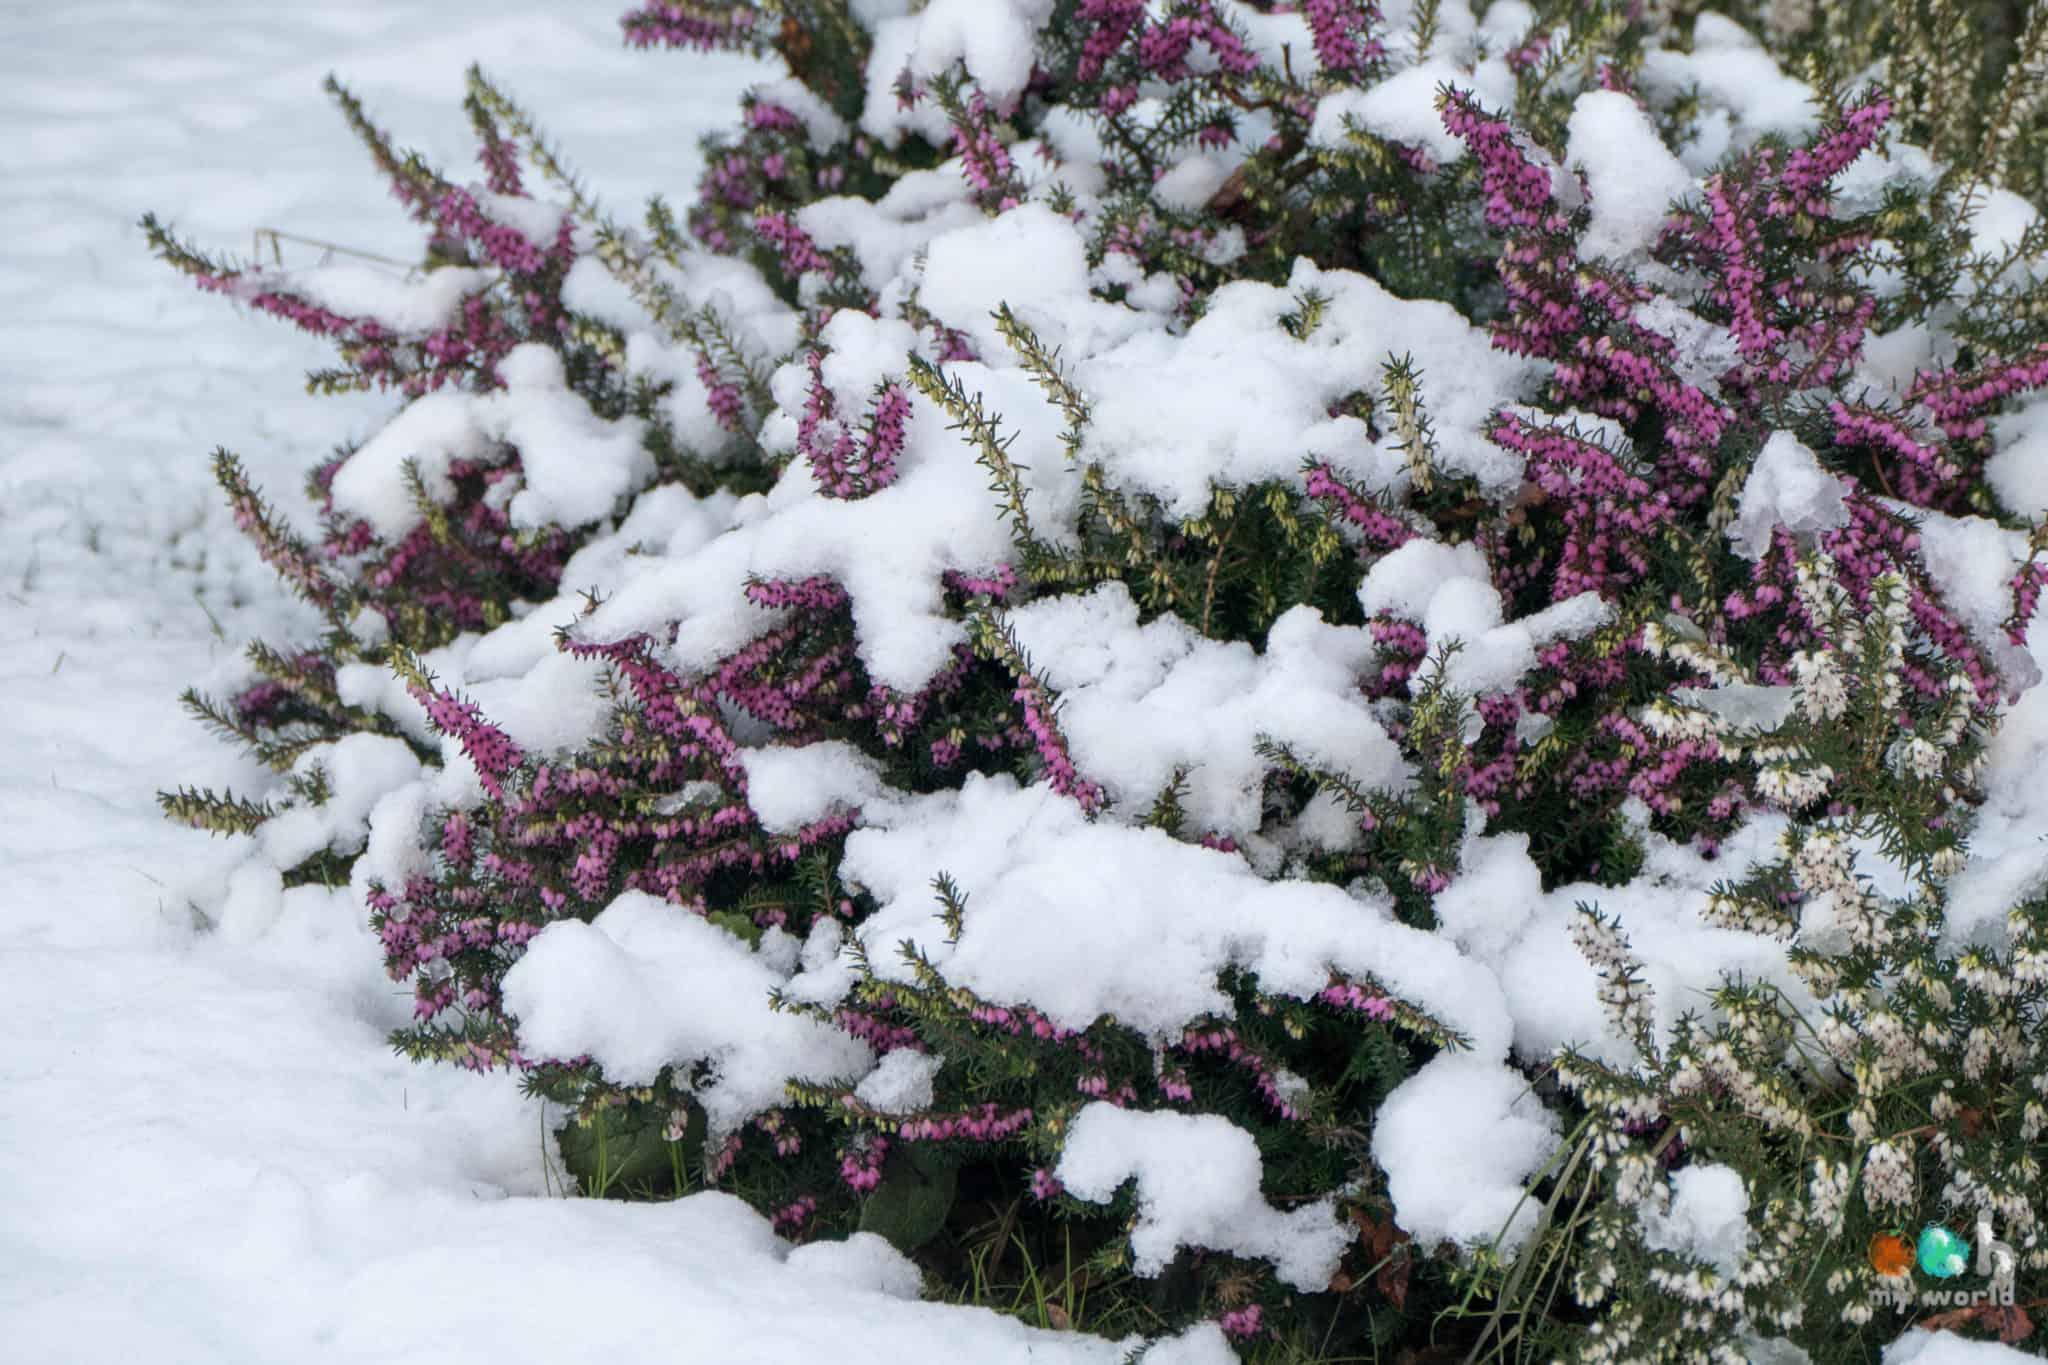 Neige dans les bruyères en Ecosse